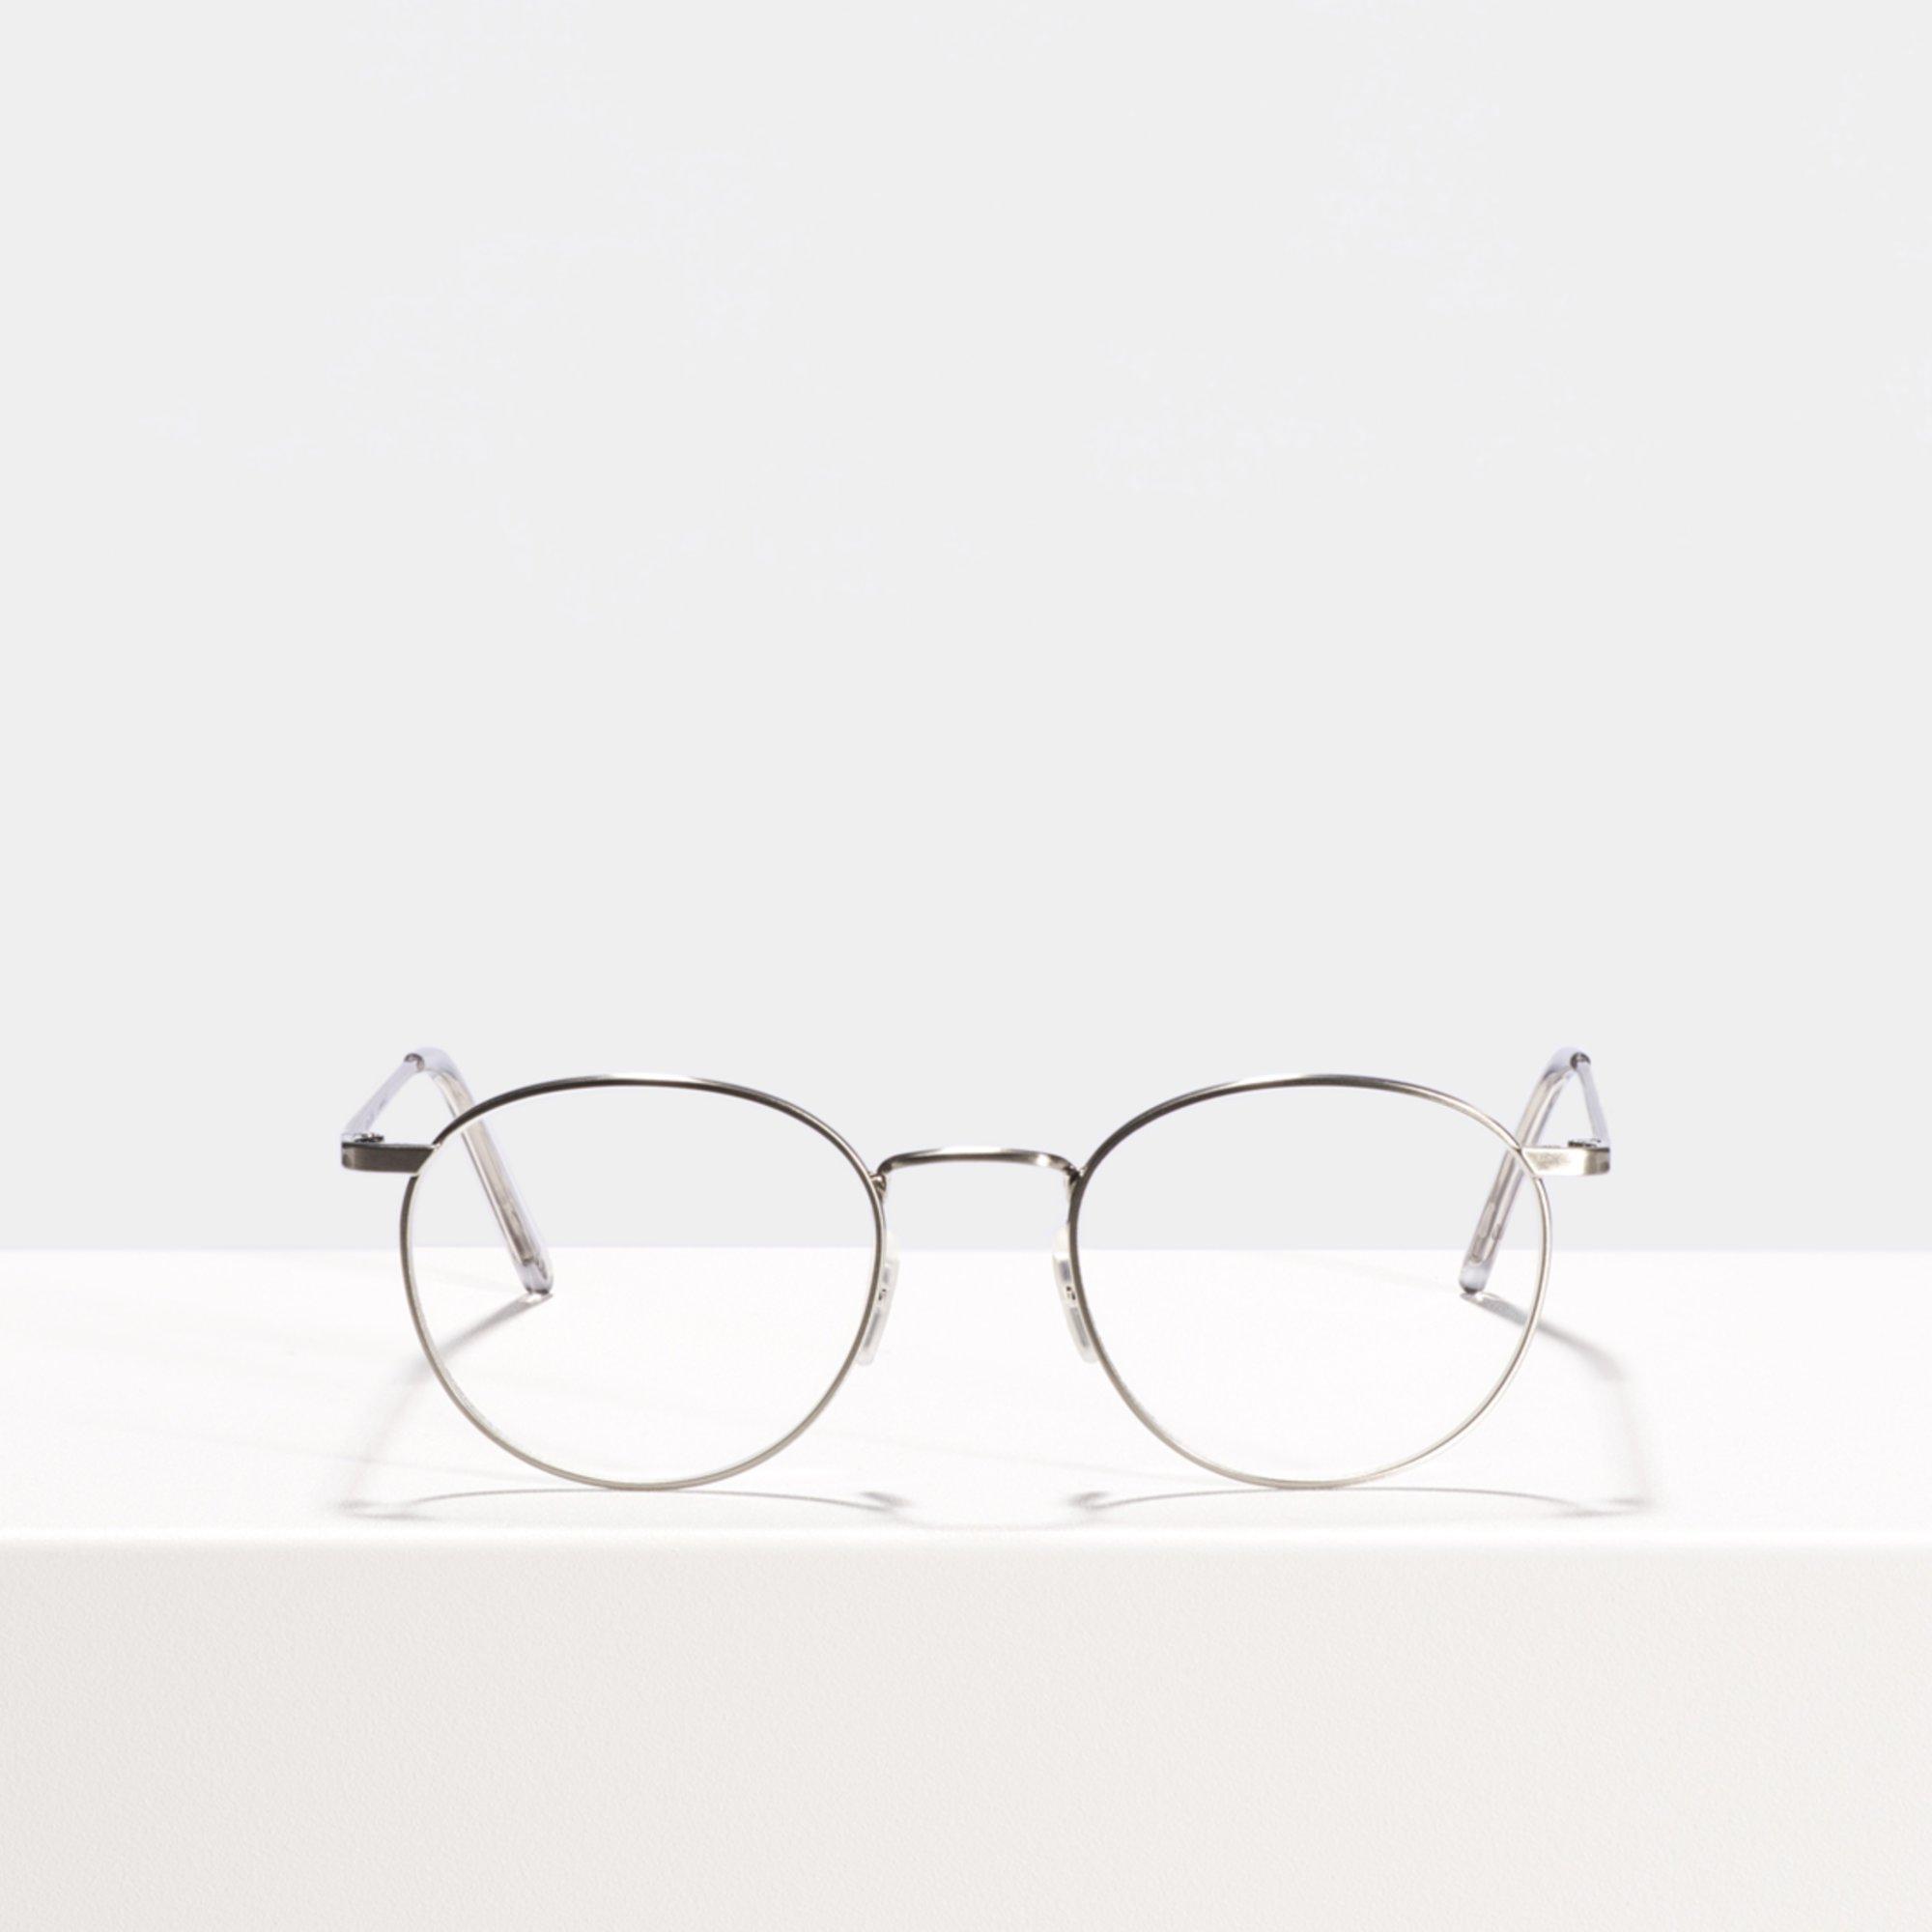 Ace & Tate Glasses | rund Titan in Silber